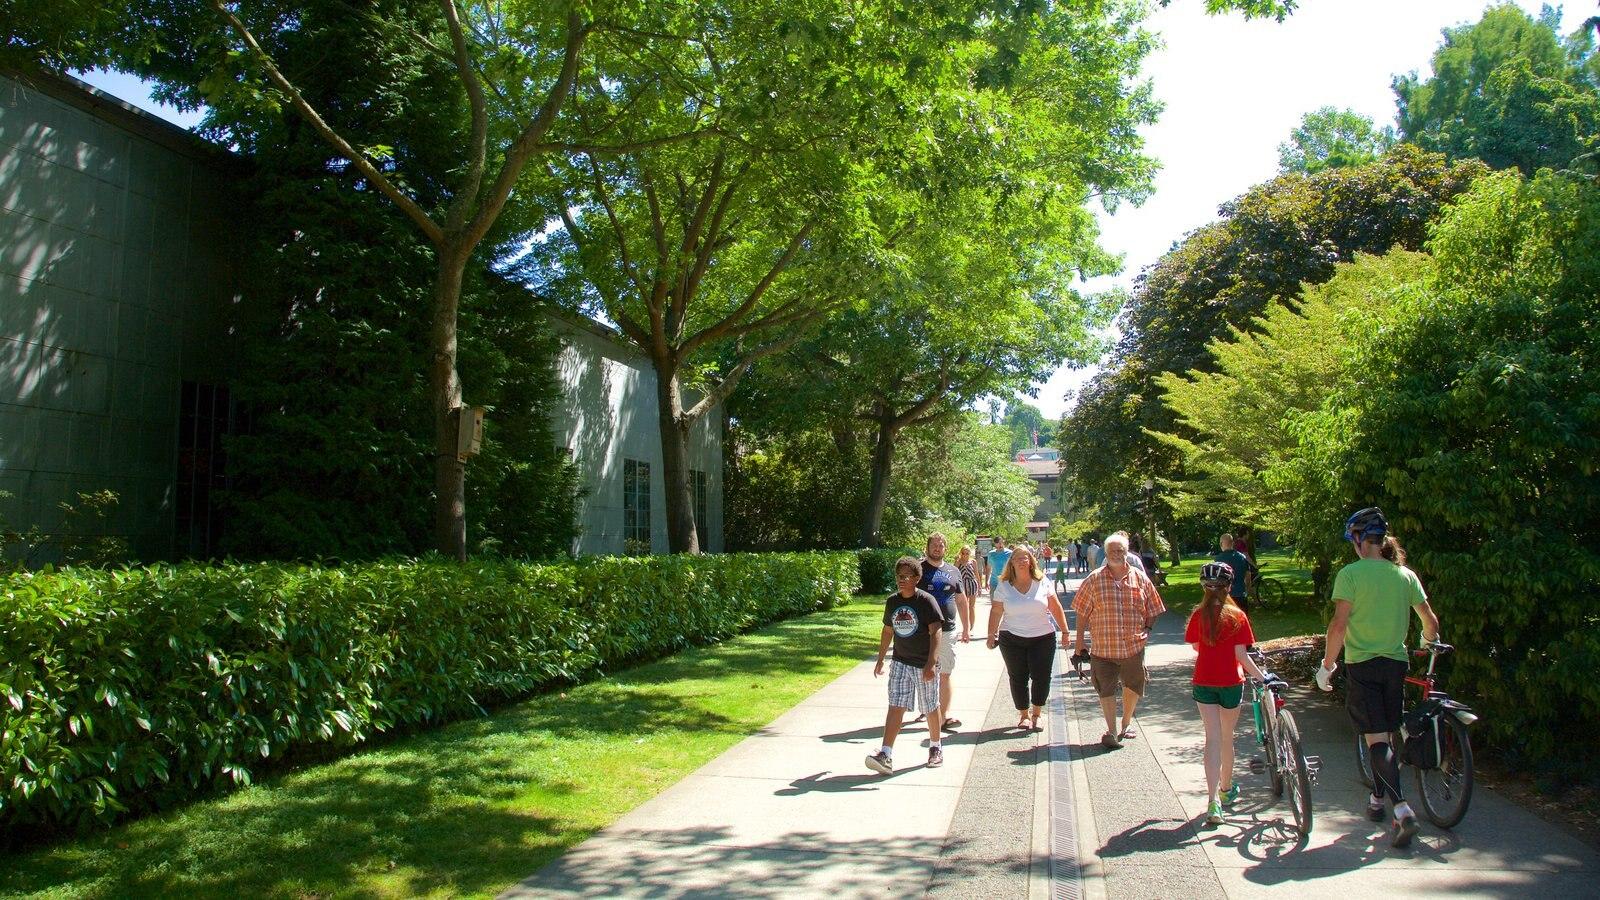 Hiram M. Chittenden Locks caracterizando um parque assim como um grande grupo de pessoas